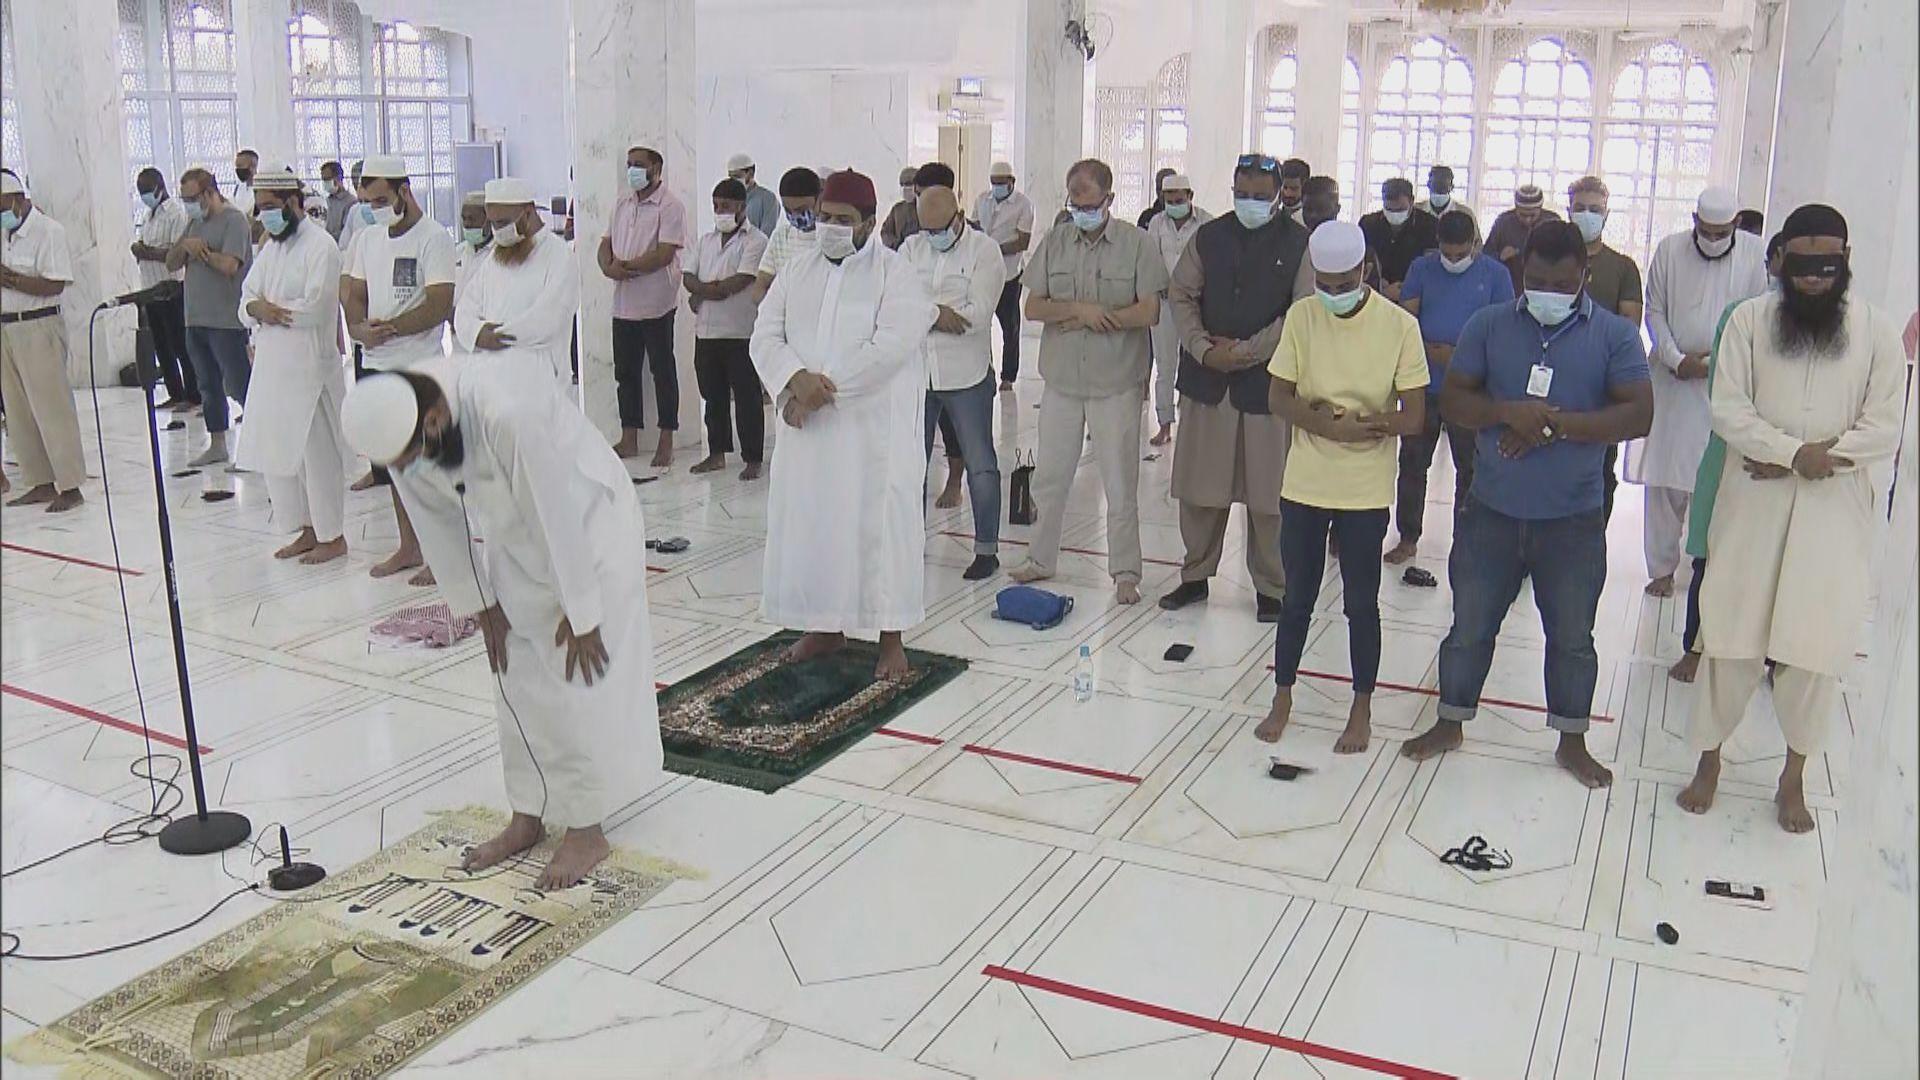 宗教活動人數限制放寬至場地可容納人數一半